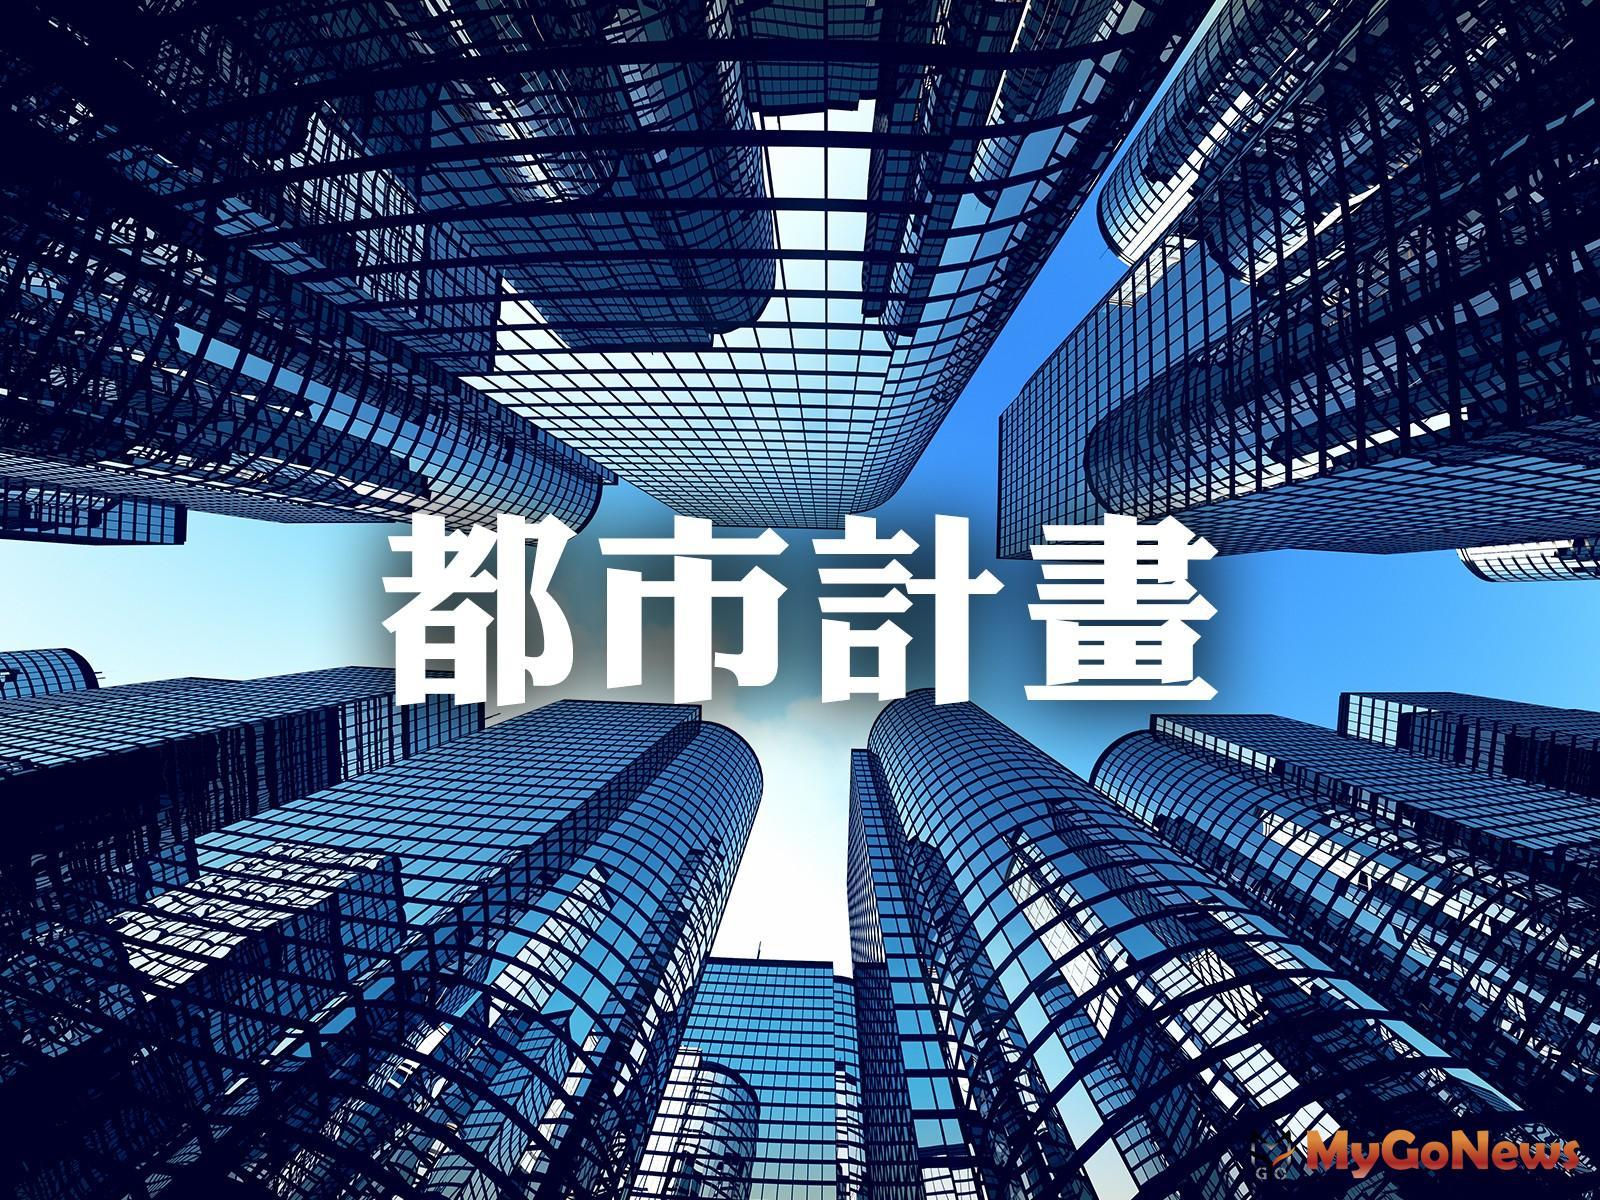 買地蓋房你應該知道的事:建蔽率、容積率 MyGoNews房地產新聞 市場快訊